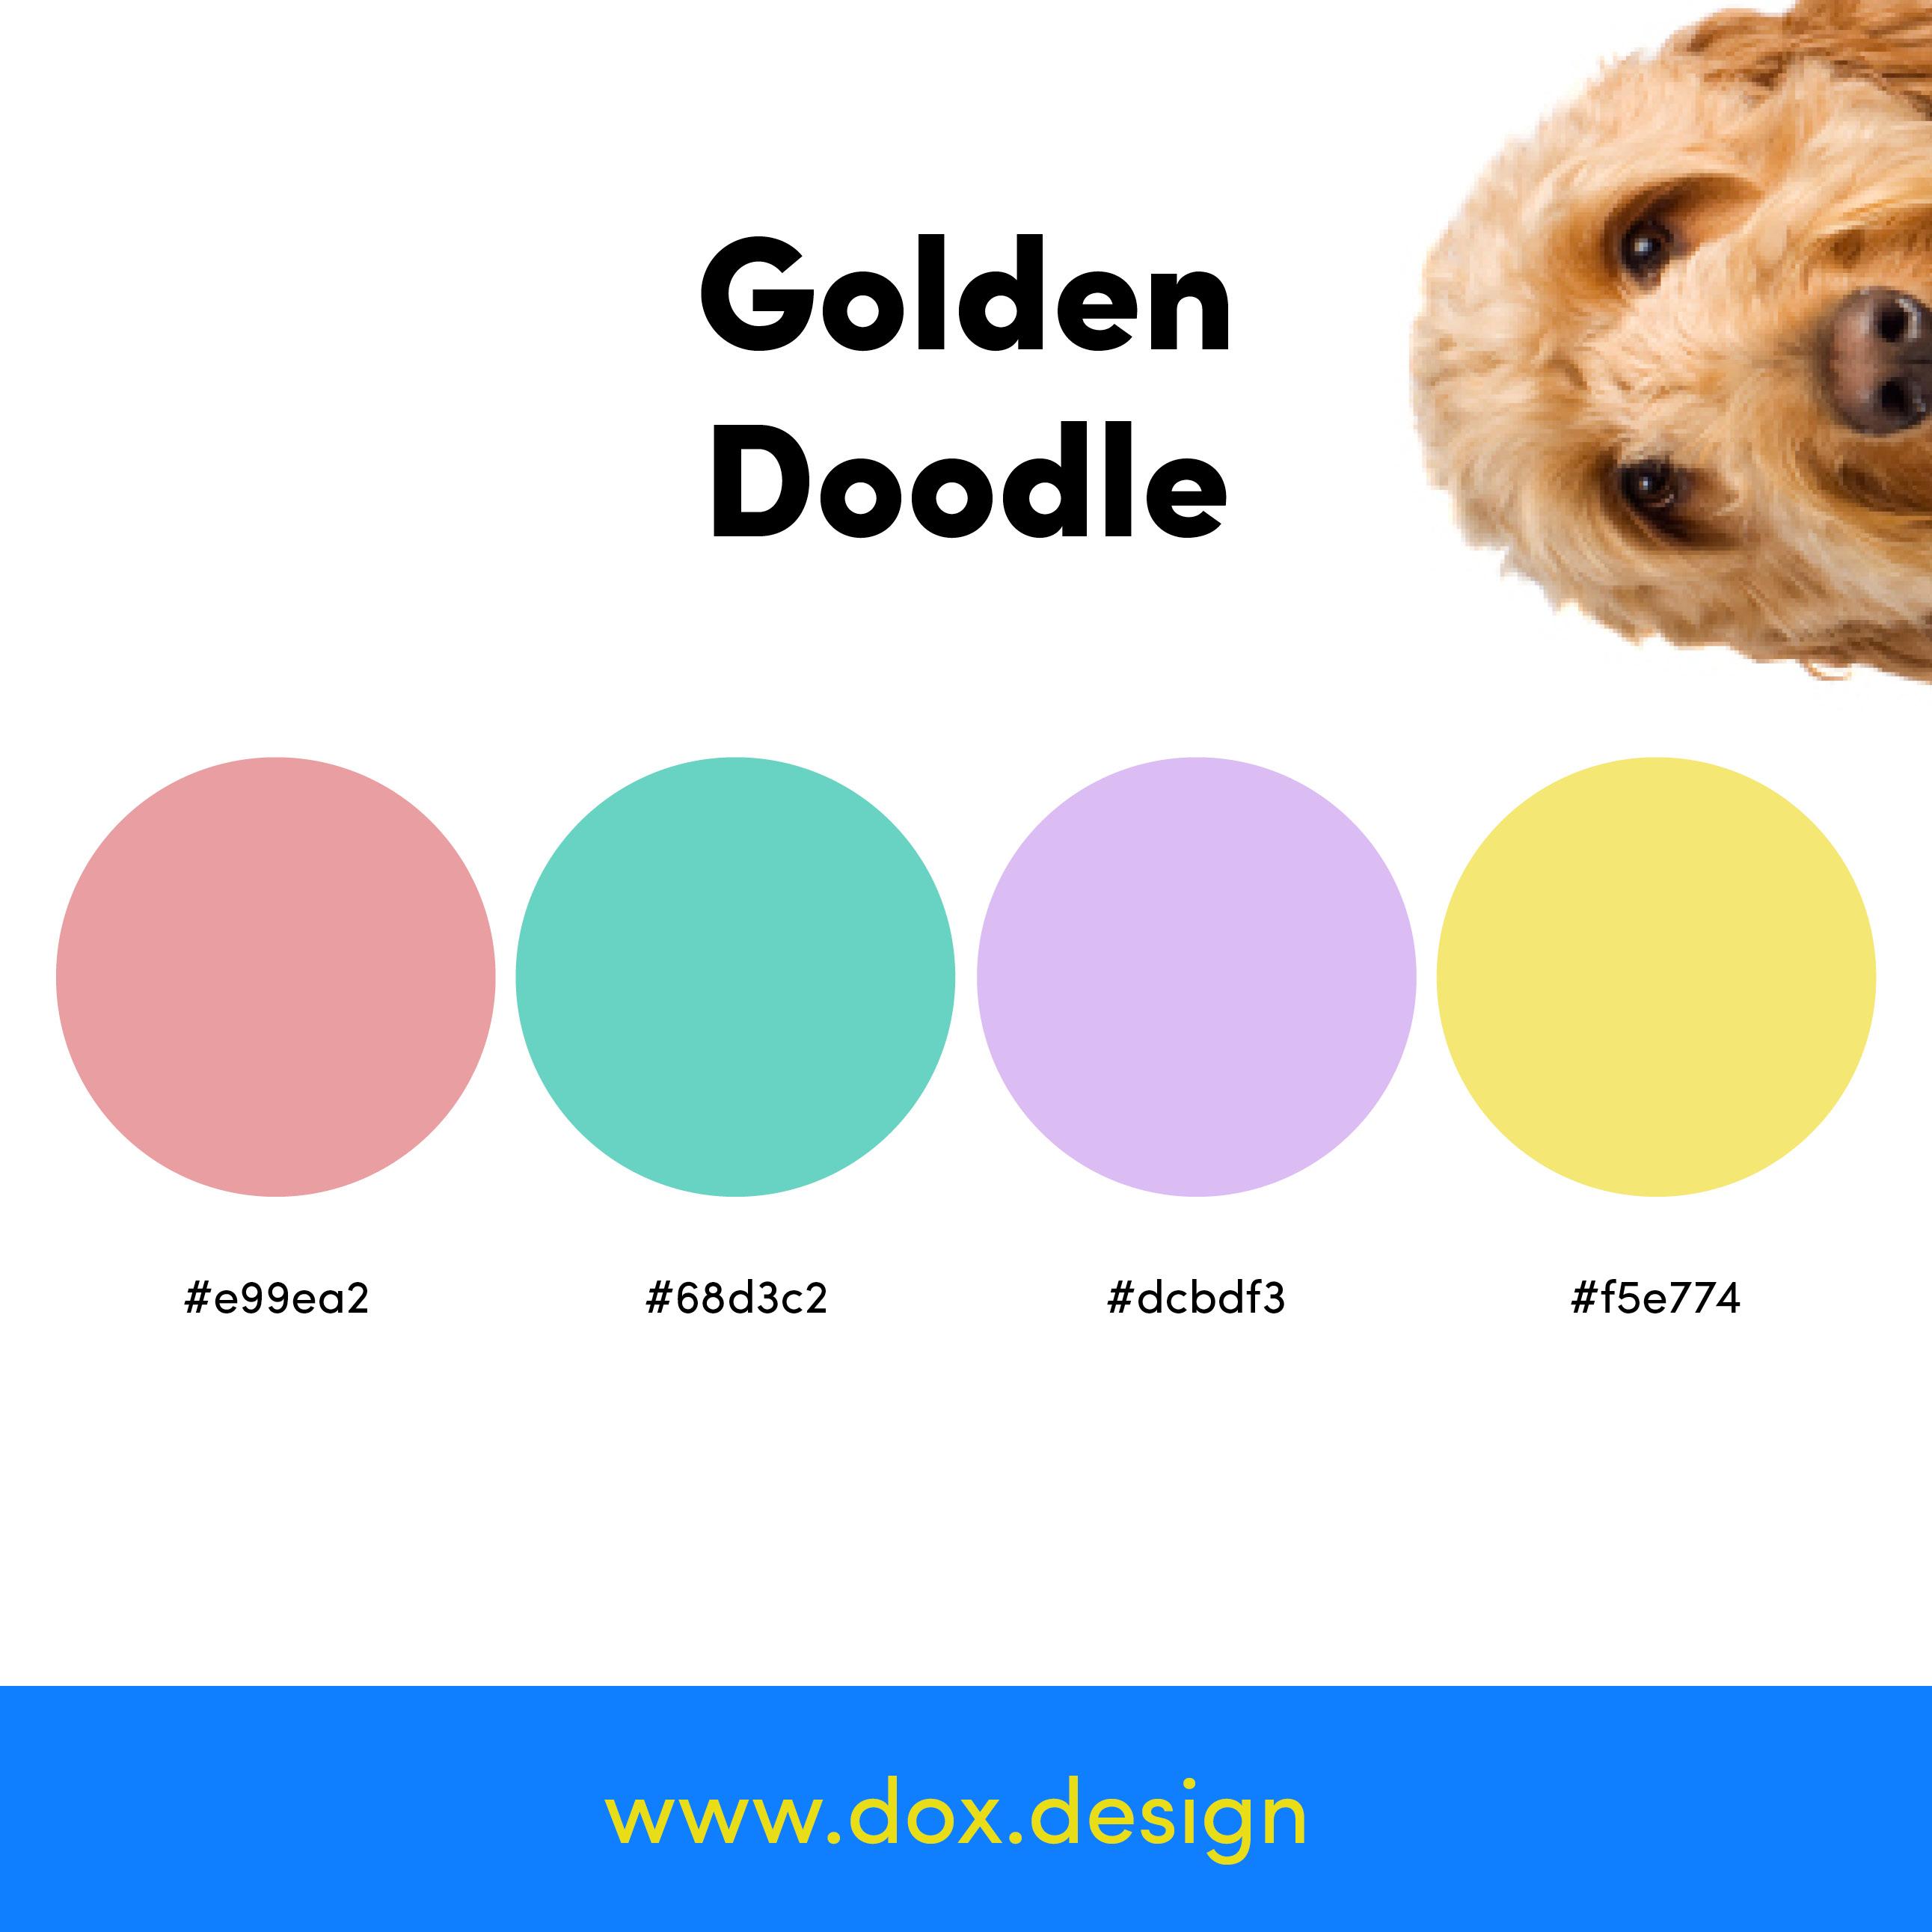 Golden Doodle color palette